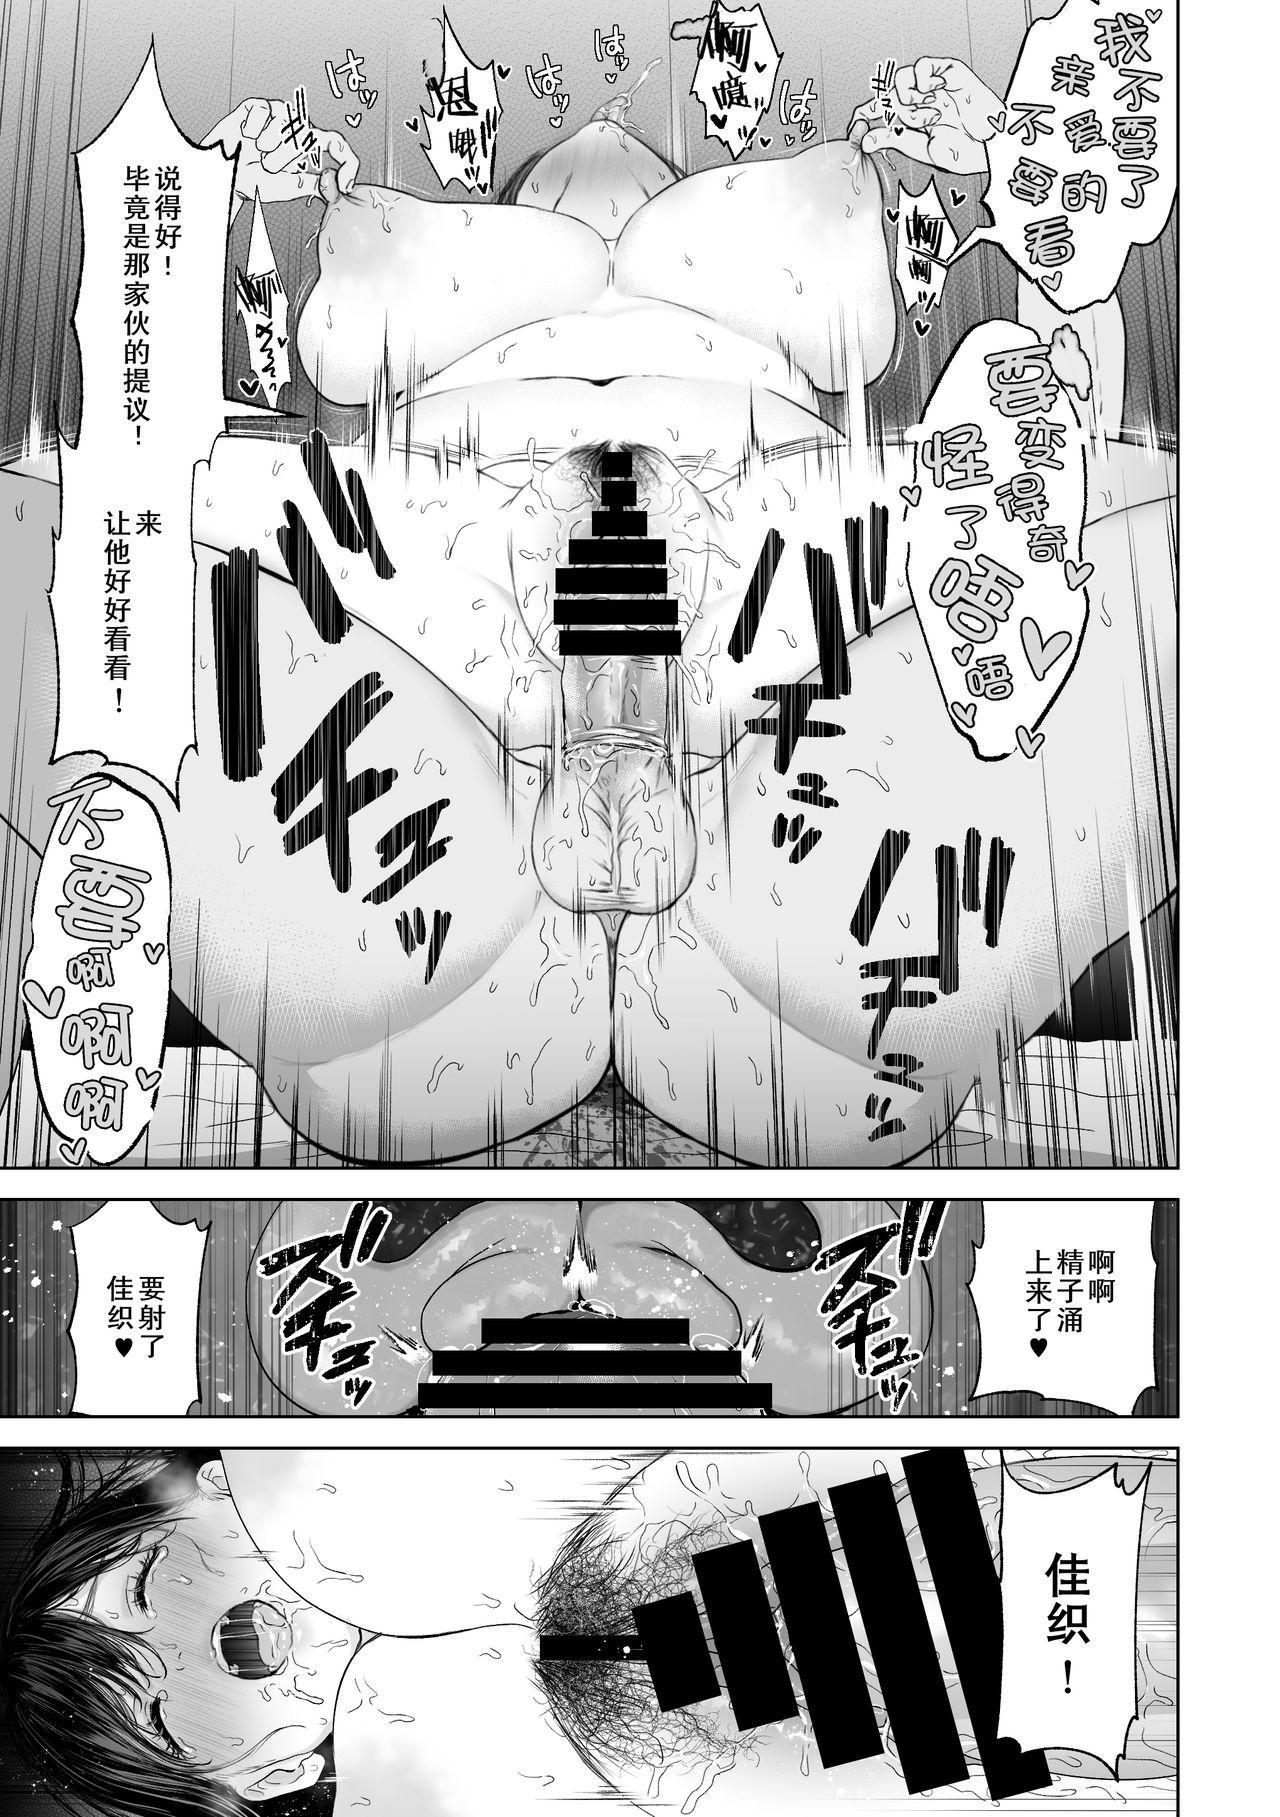 [Torotoro Yume Banana (Yumeki Banana)] Anata ga Nozomu nara[Chinese]【不可视汉化】 20